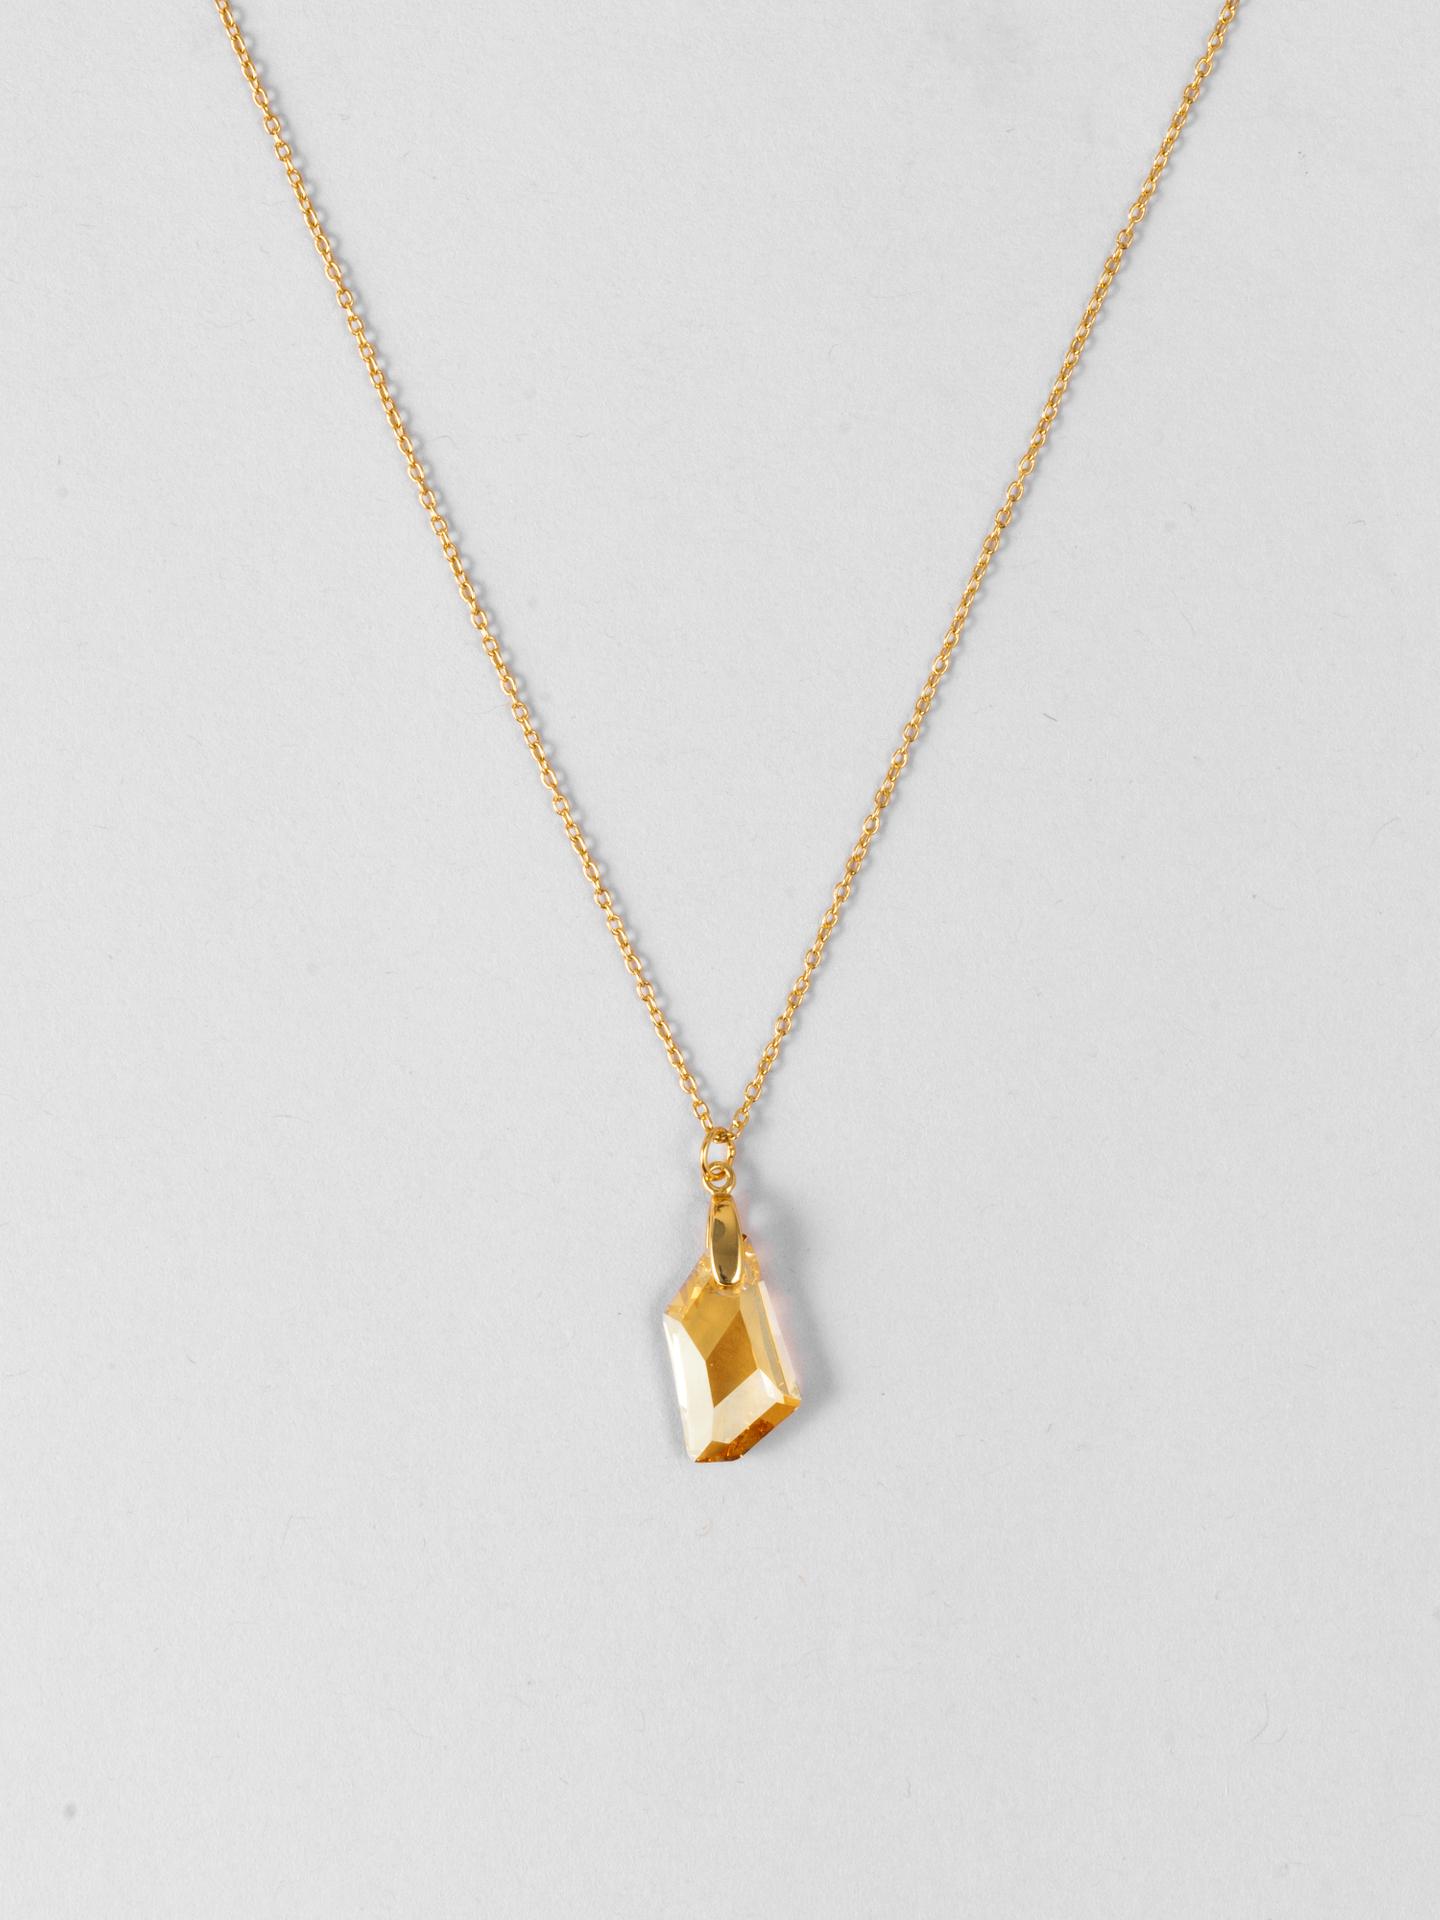 Goldschatten Swarovski Kristall Halskette